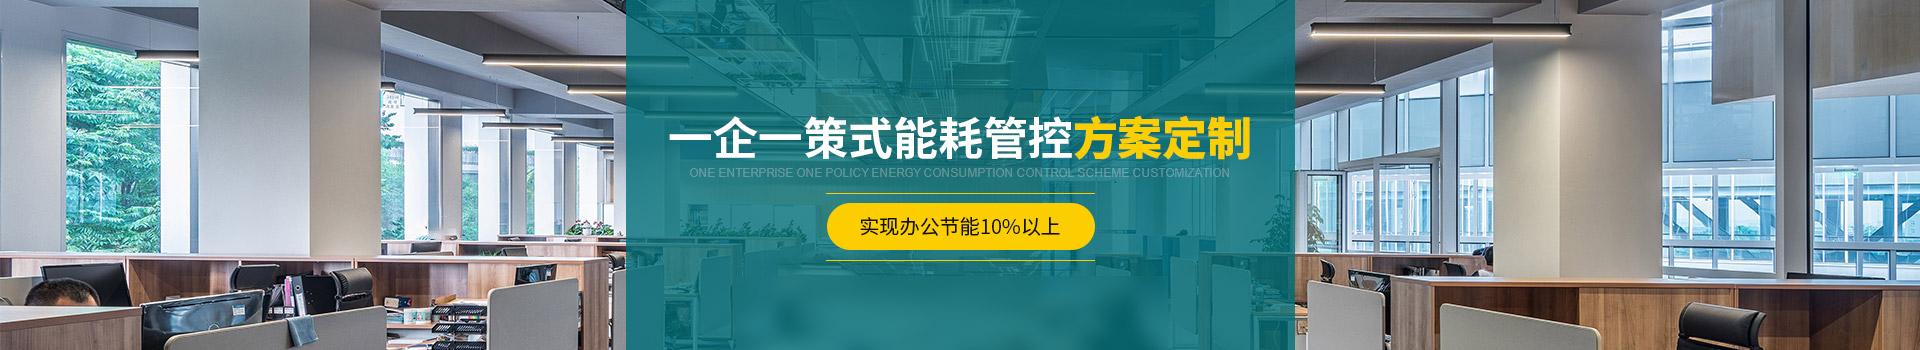 电务运维服务 一企一策式能耗管控方案定制   实现办公节能10%以上